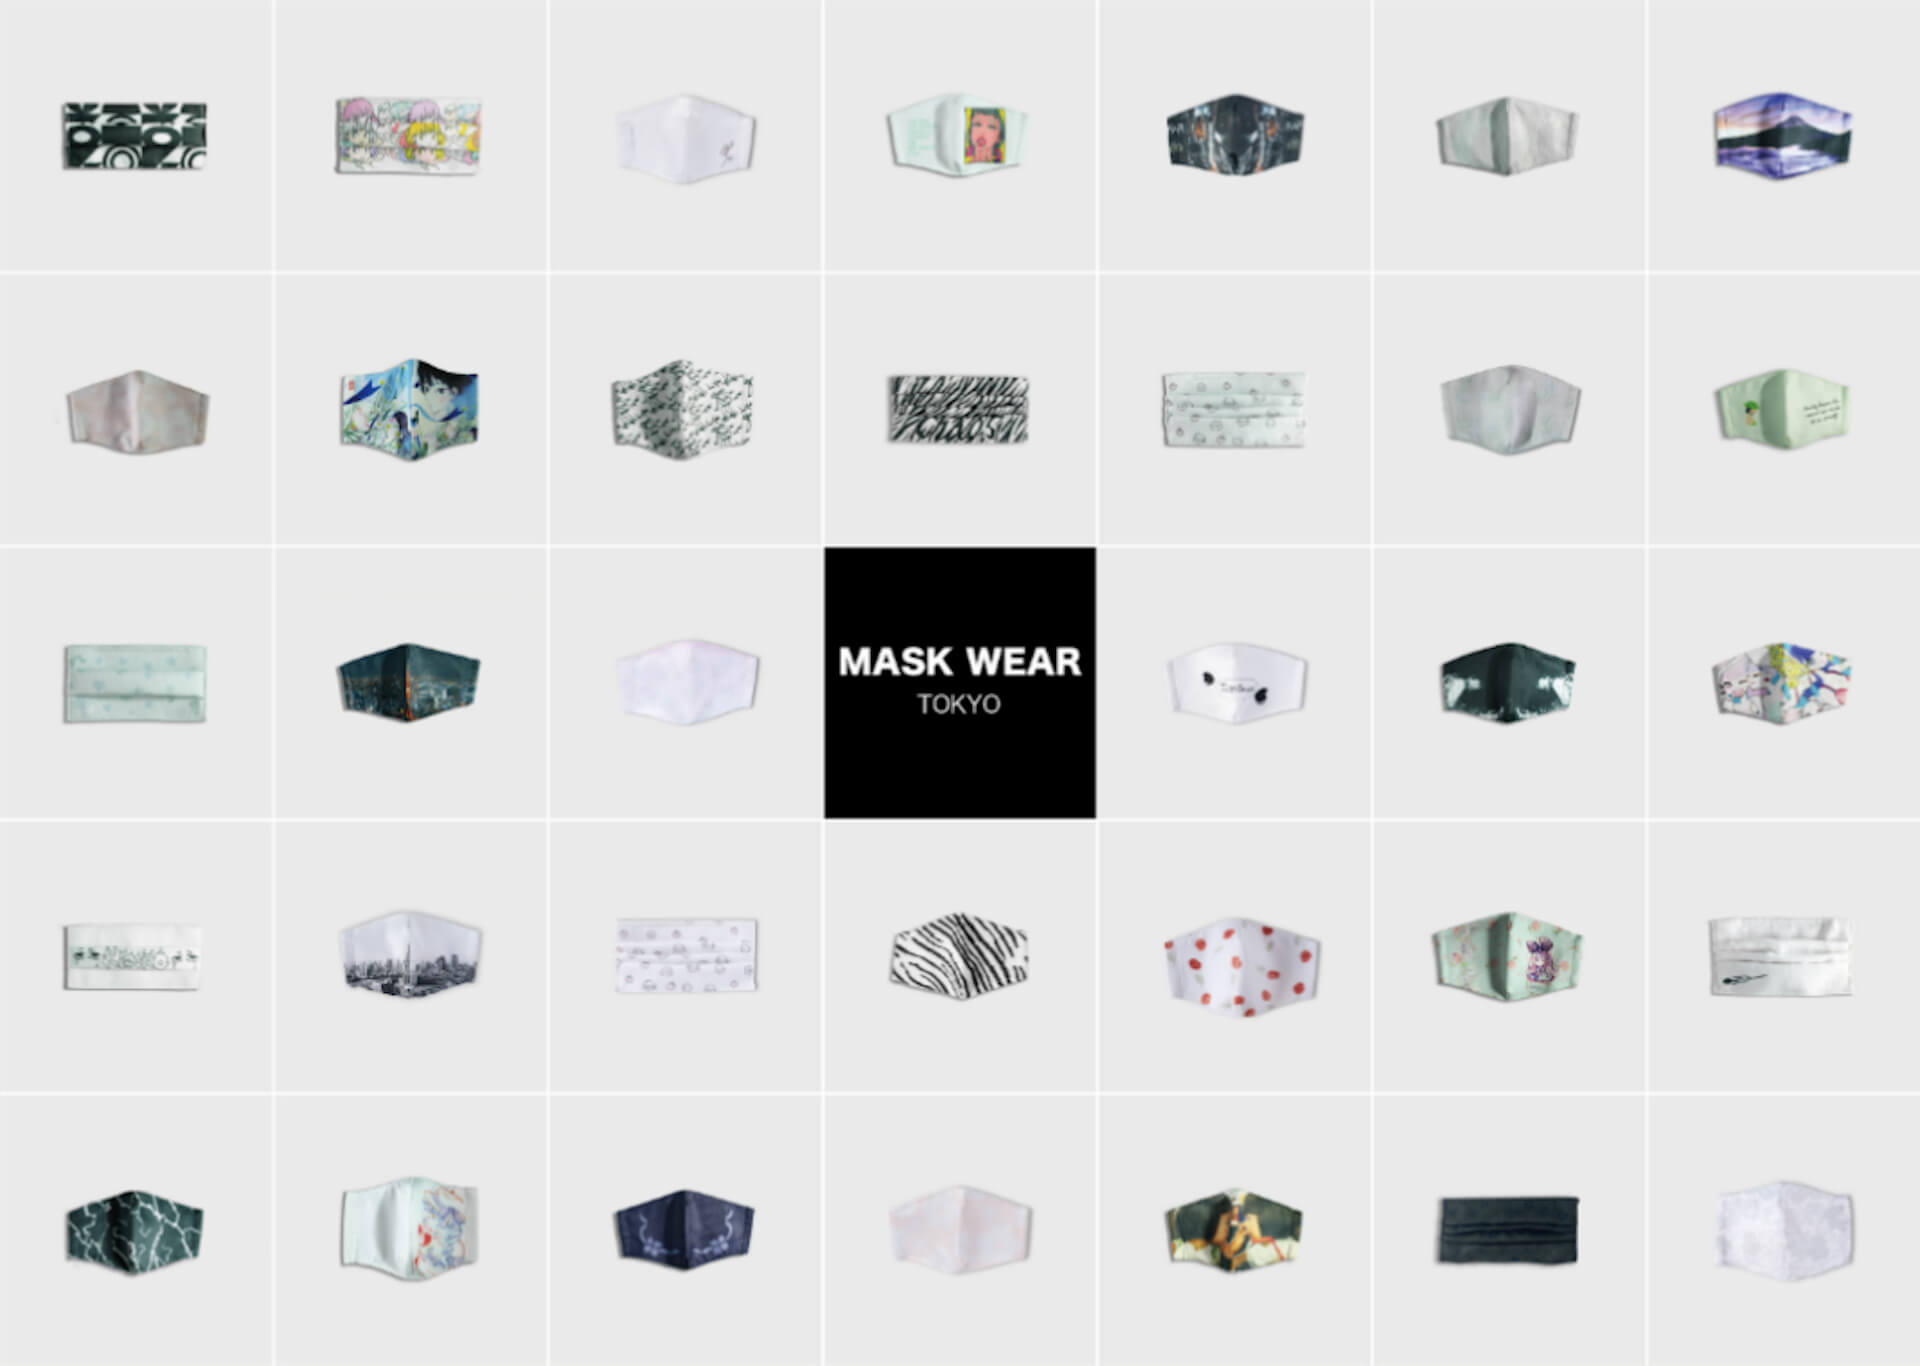 高機能マスクをファッションに!ファッションマスクに特化したECサイト「MASK WEAR TOKYO」がローンチ life200615_maskwear_14